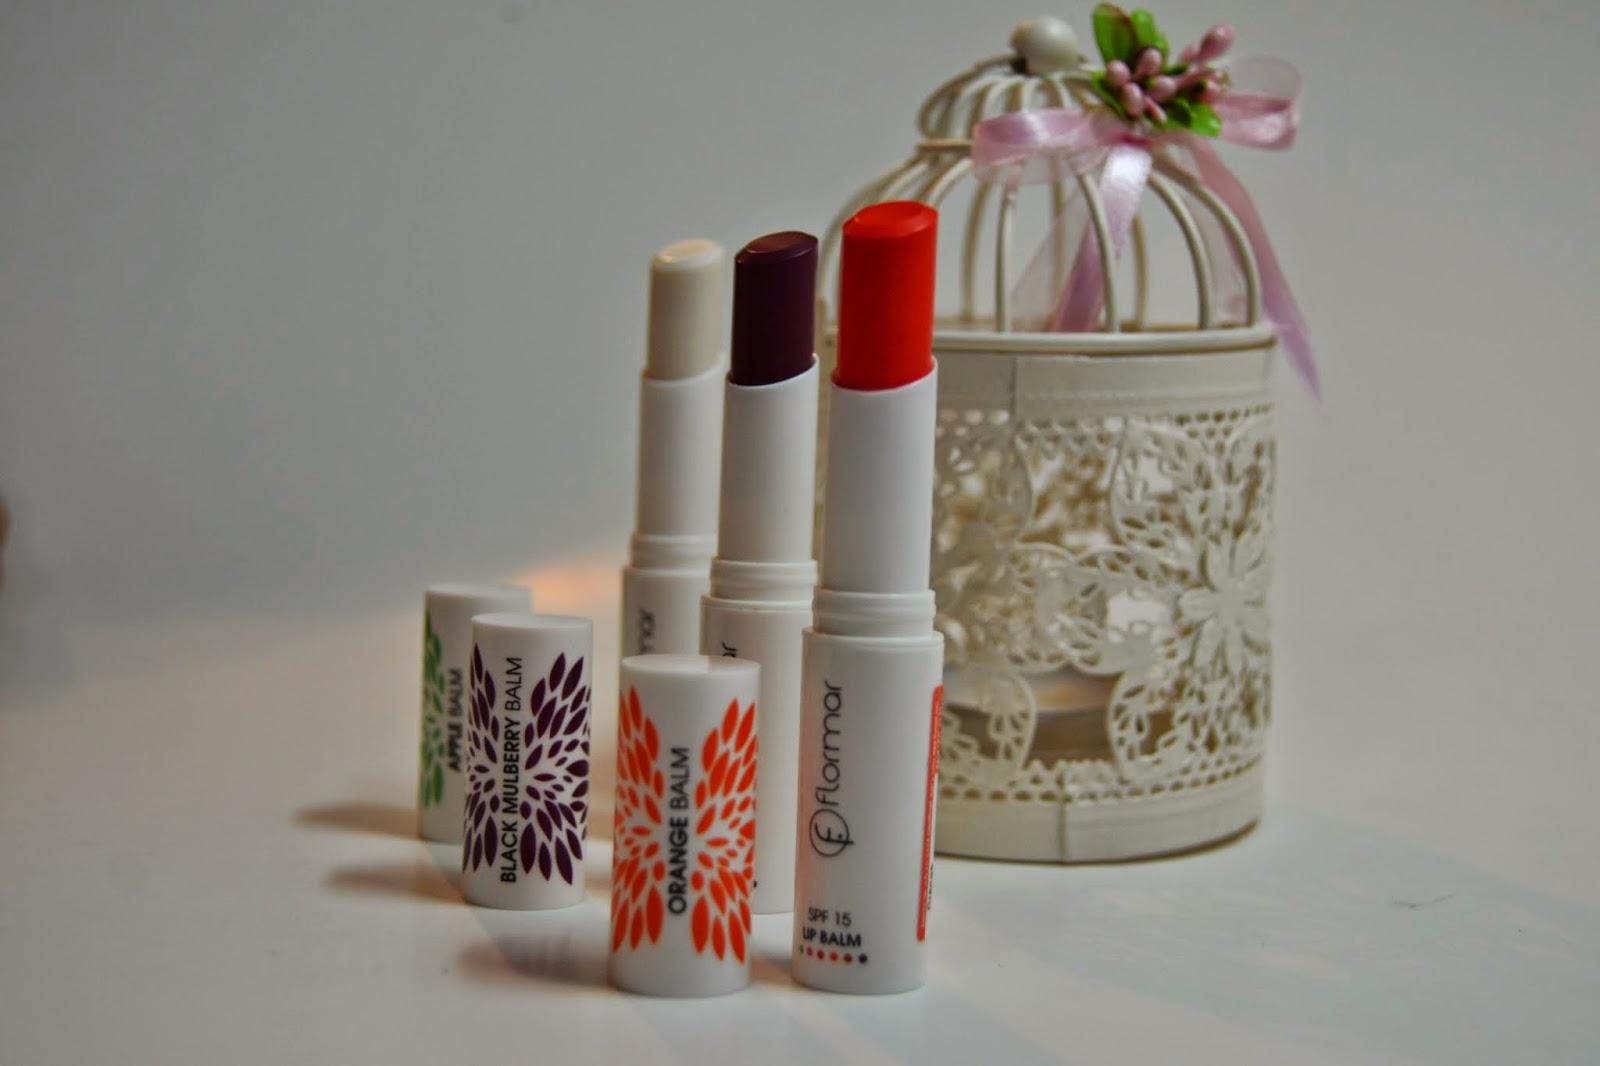 flormar - lip balm - flormar lip balm - makyaj blogları - kozmetik blogları - alışveriş hastalığı